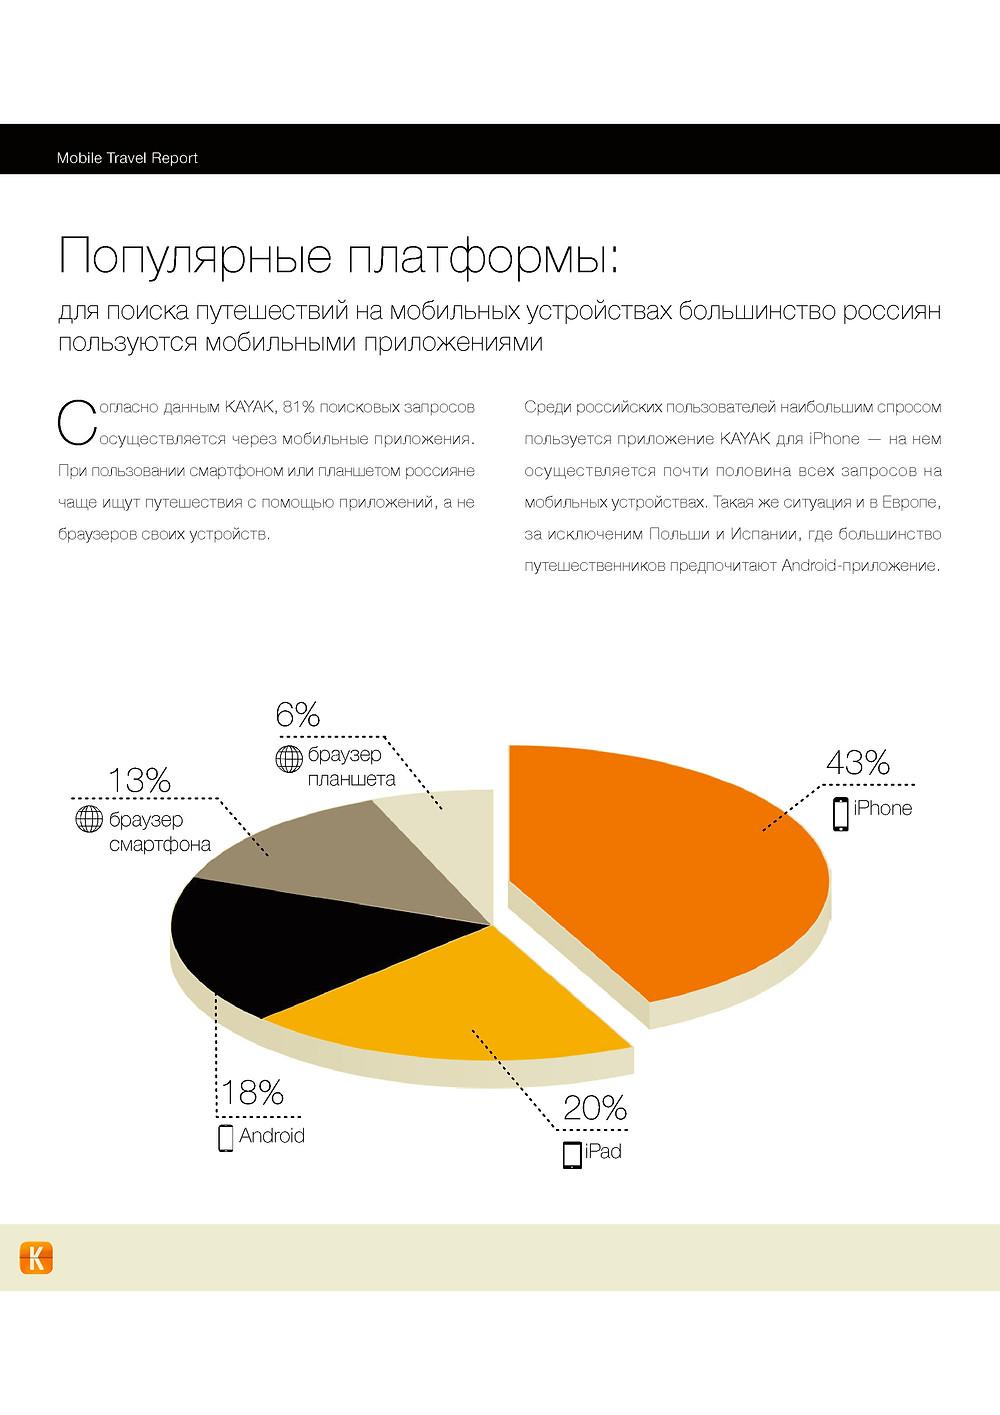 MobileTravelReport_Инфографика-5.jpg